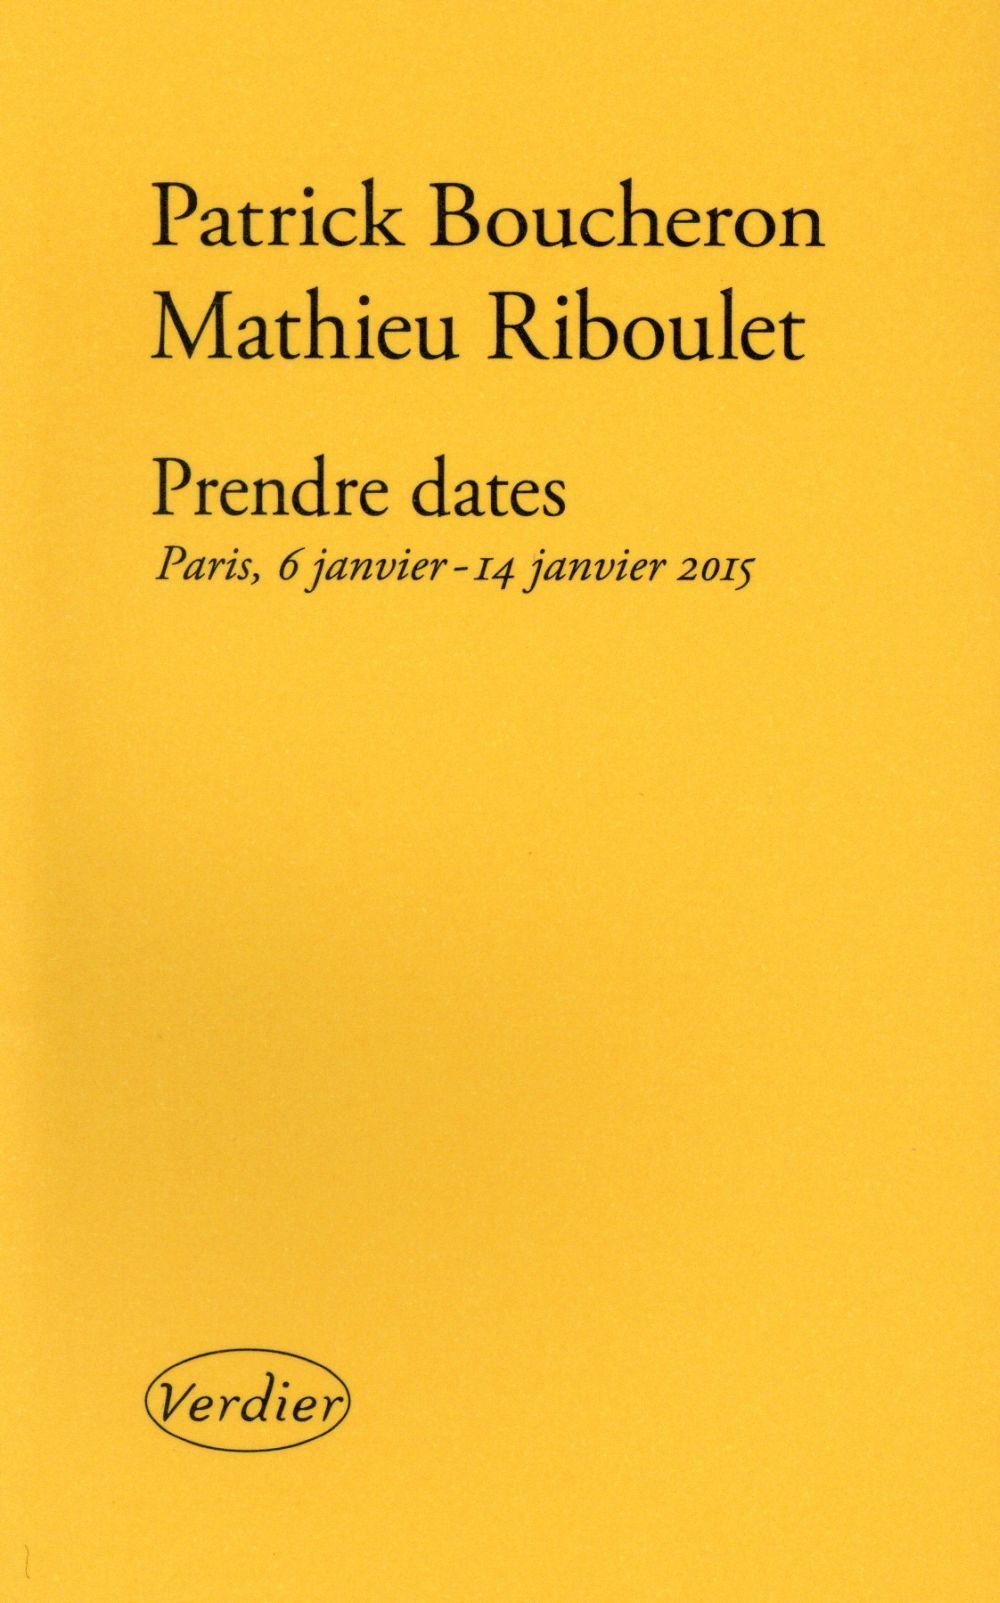 Prendre dates ; Paris, 6 janvier-14 janvier 2015